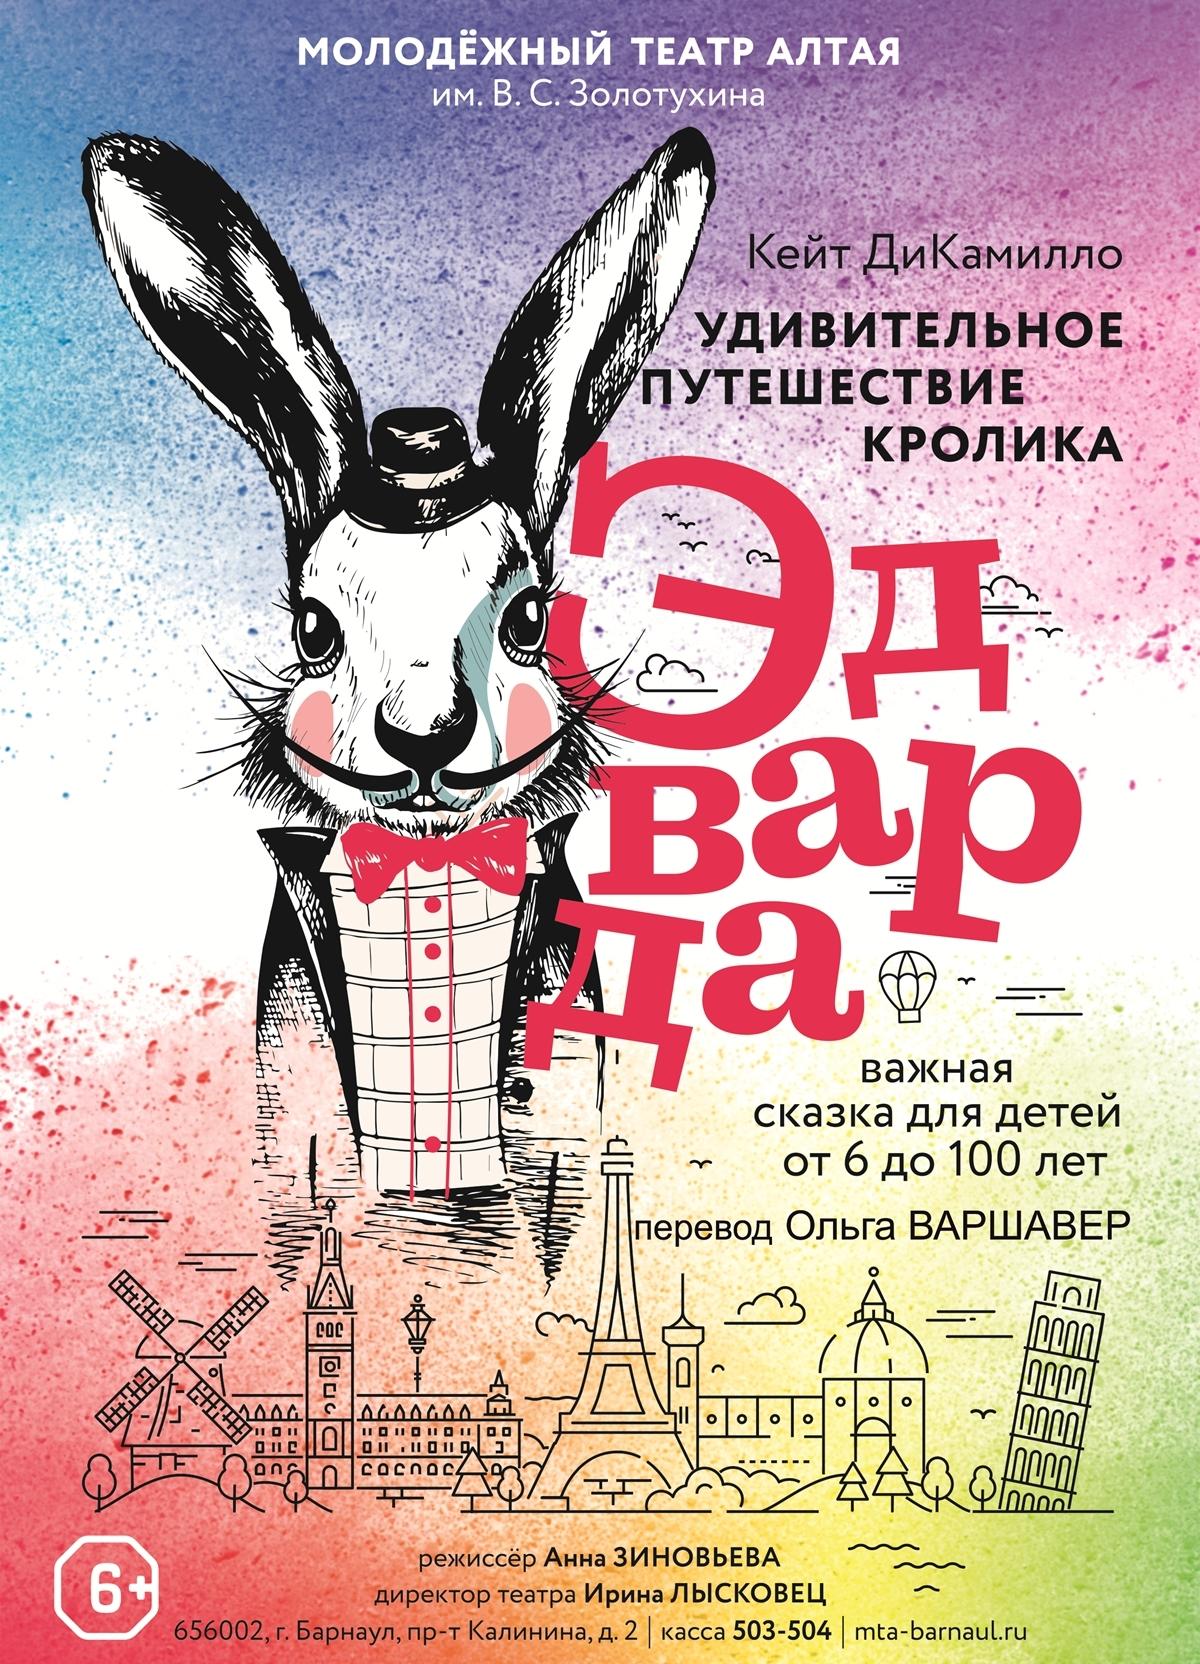 Молодежный театр в барнауле цены на билеты театр оперетты граф монте кристо билеты